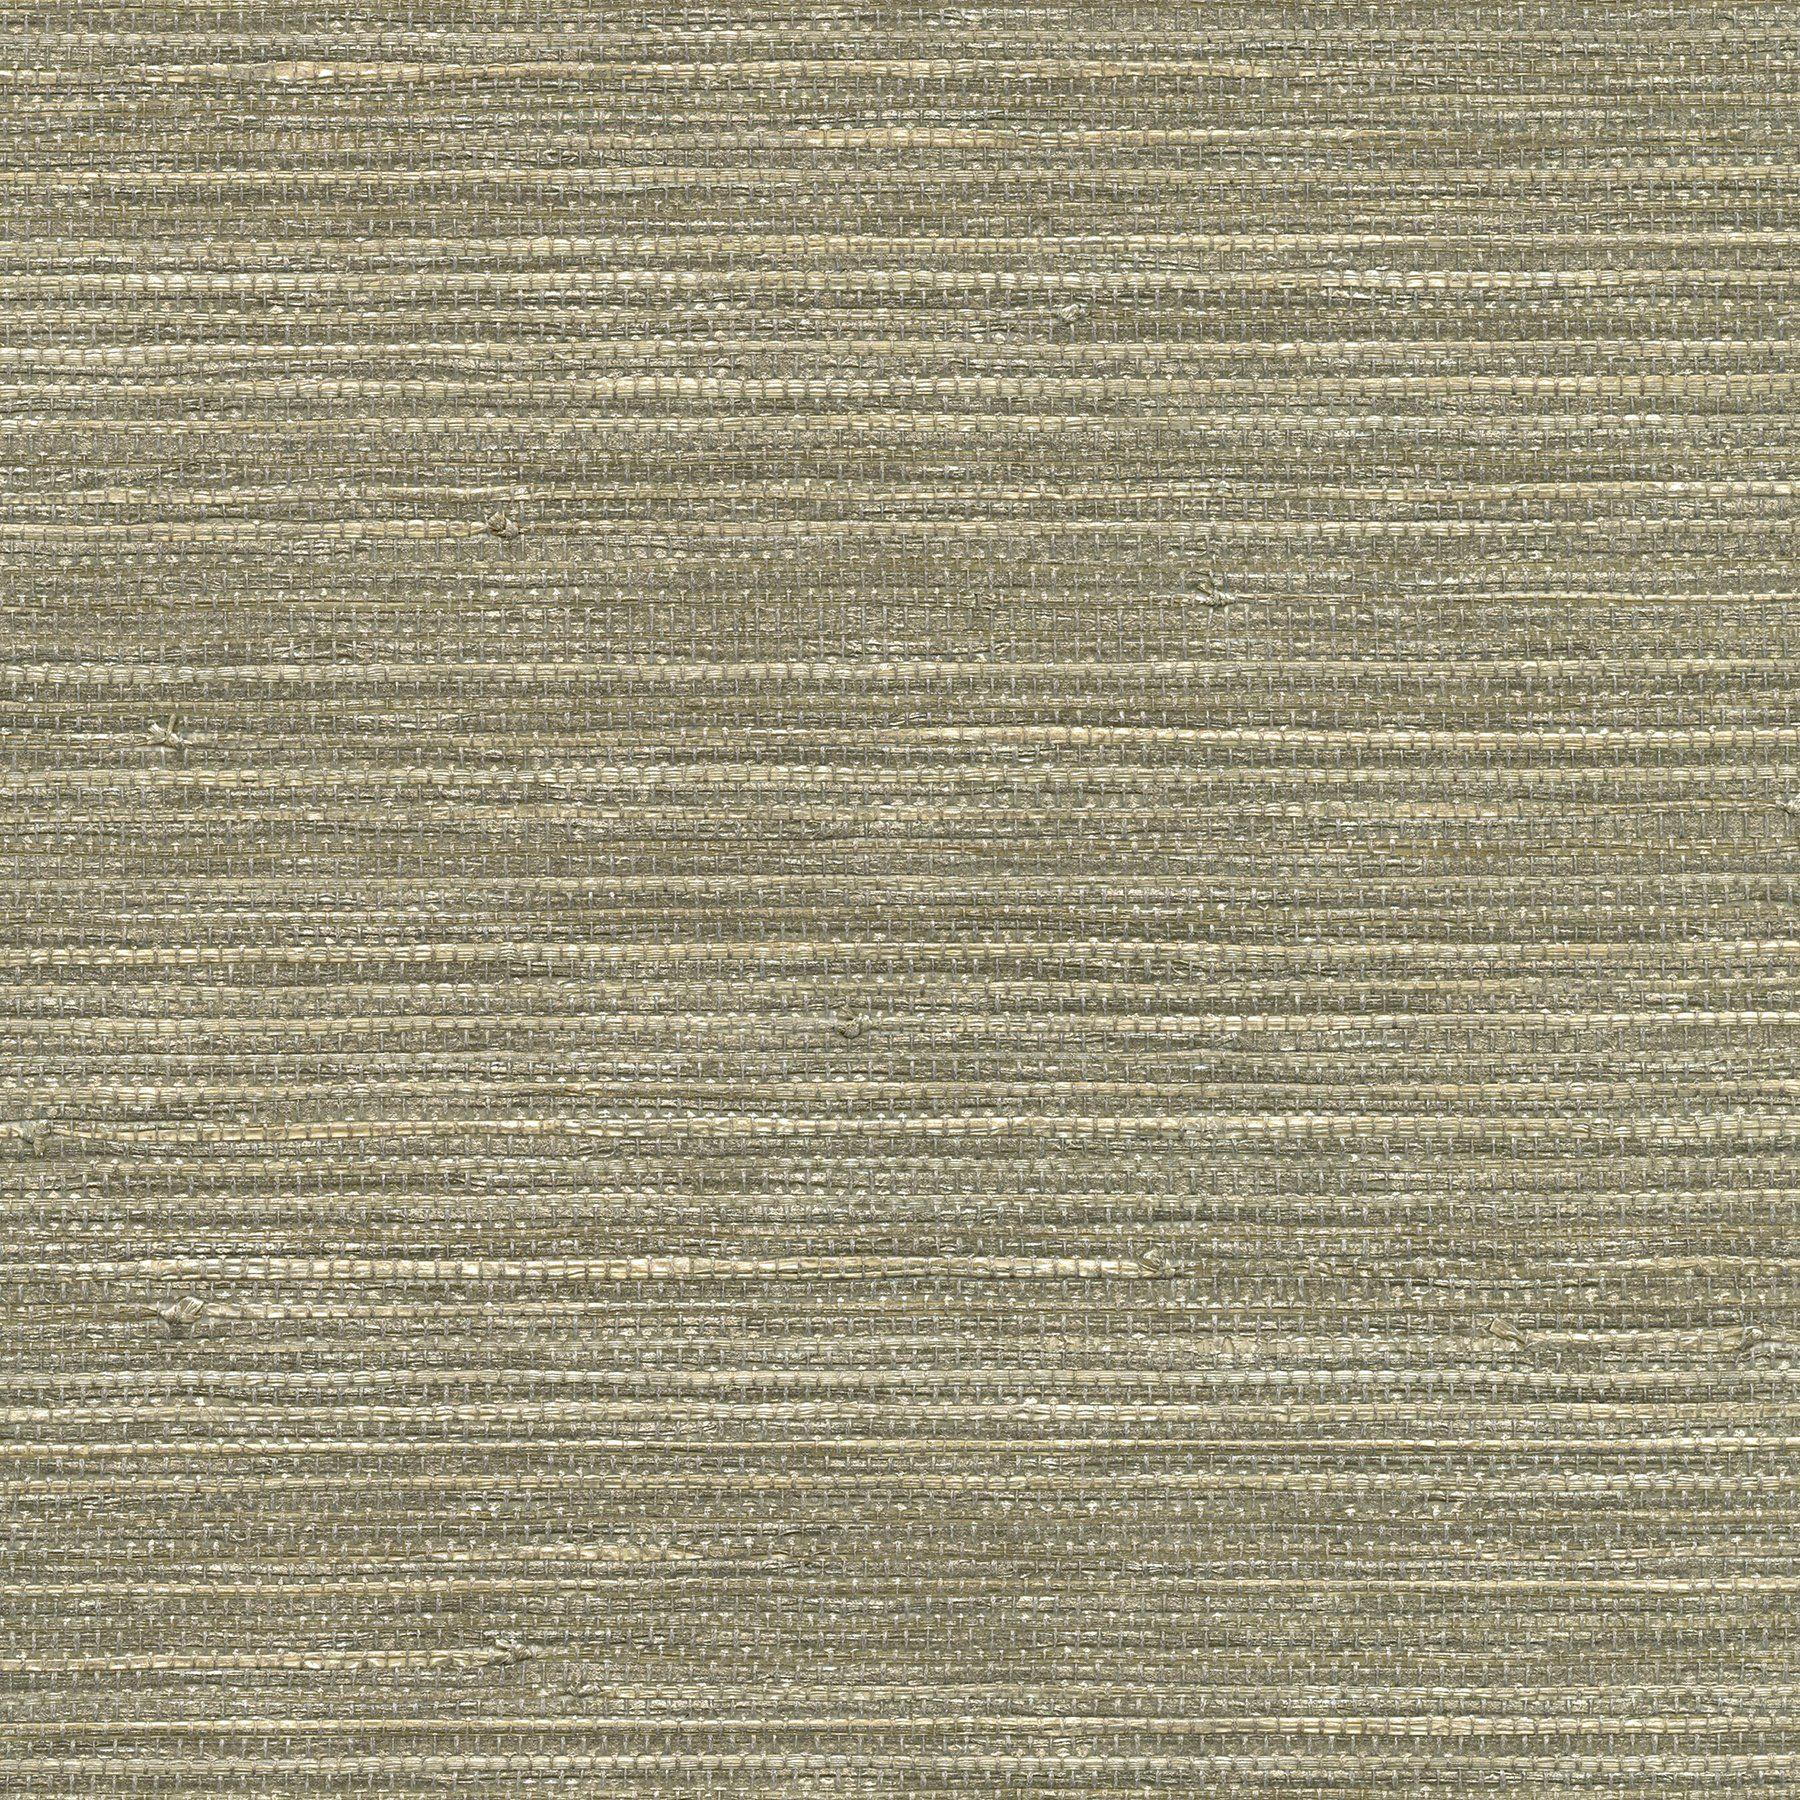 Tagum Grey grasscloth wallpaper, Grey trellis wallpaper